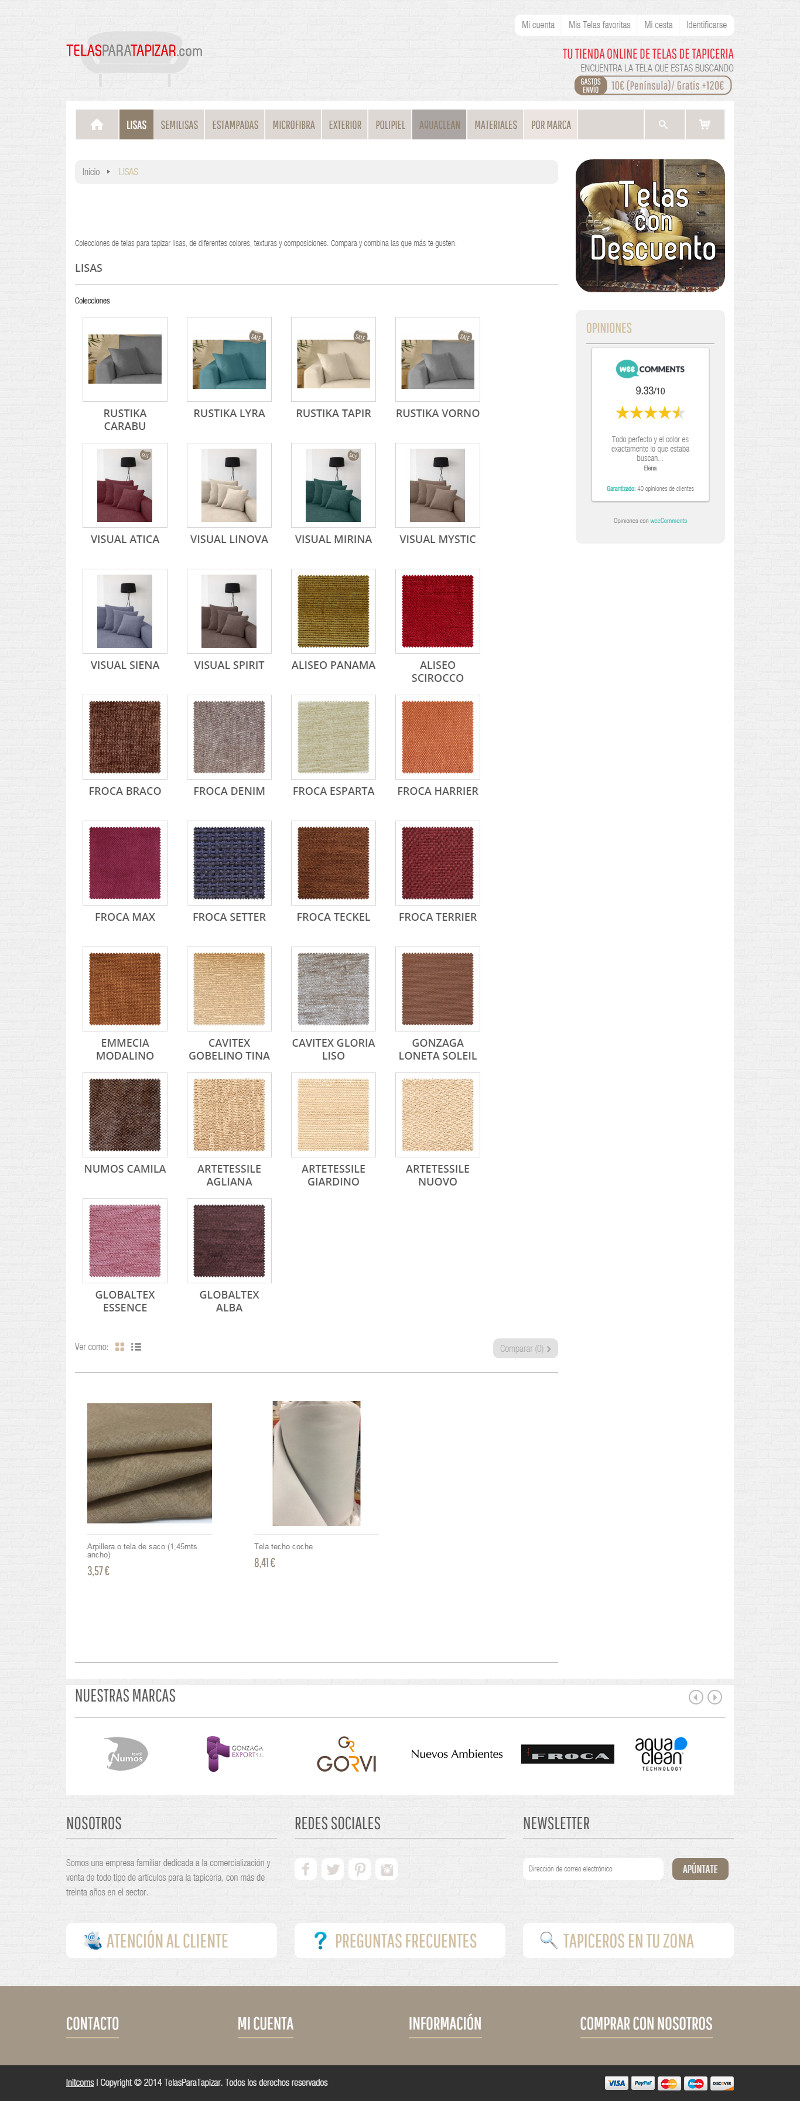 Tiendas online hechas con Prestashop - telas para tapizar2